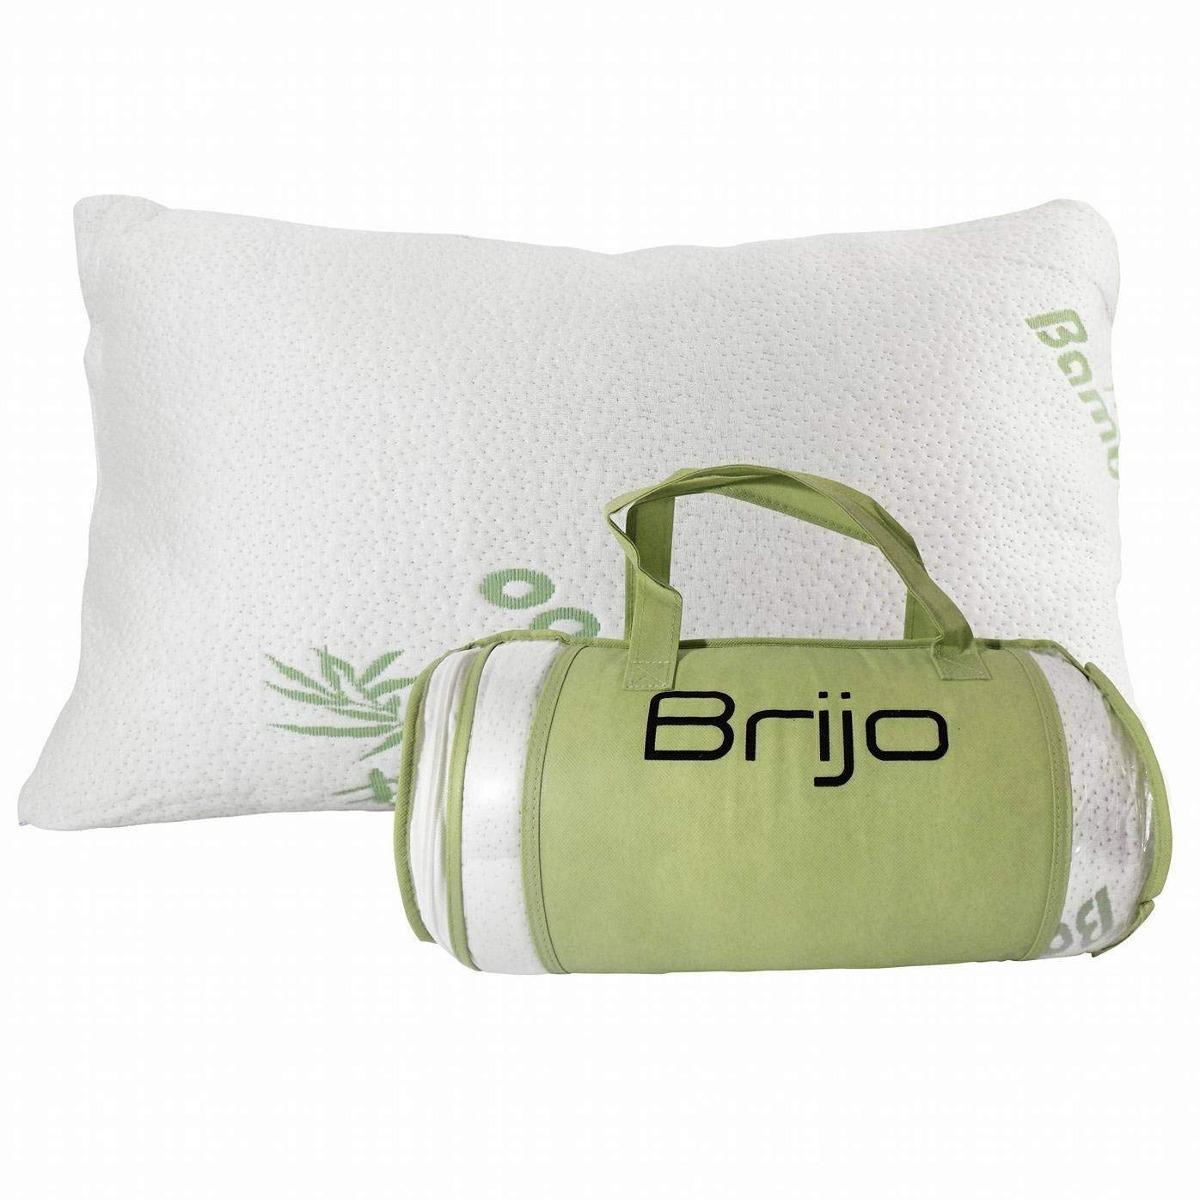 la mejor almohada de bambú para el dolor de cuello | durm